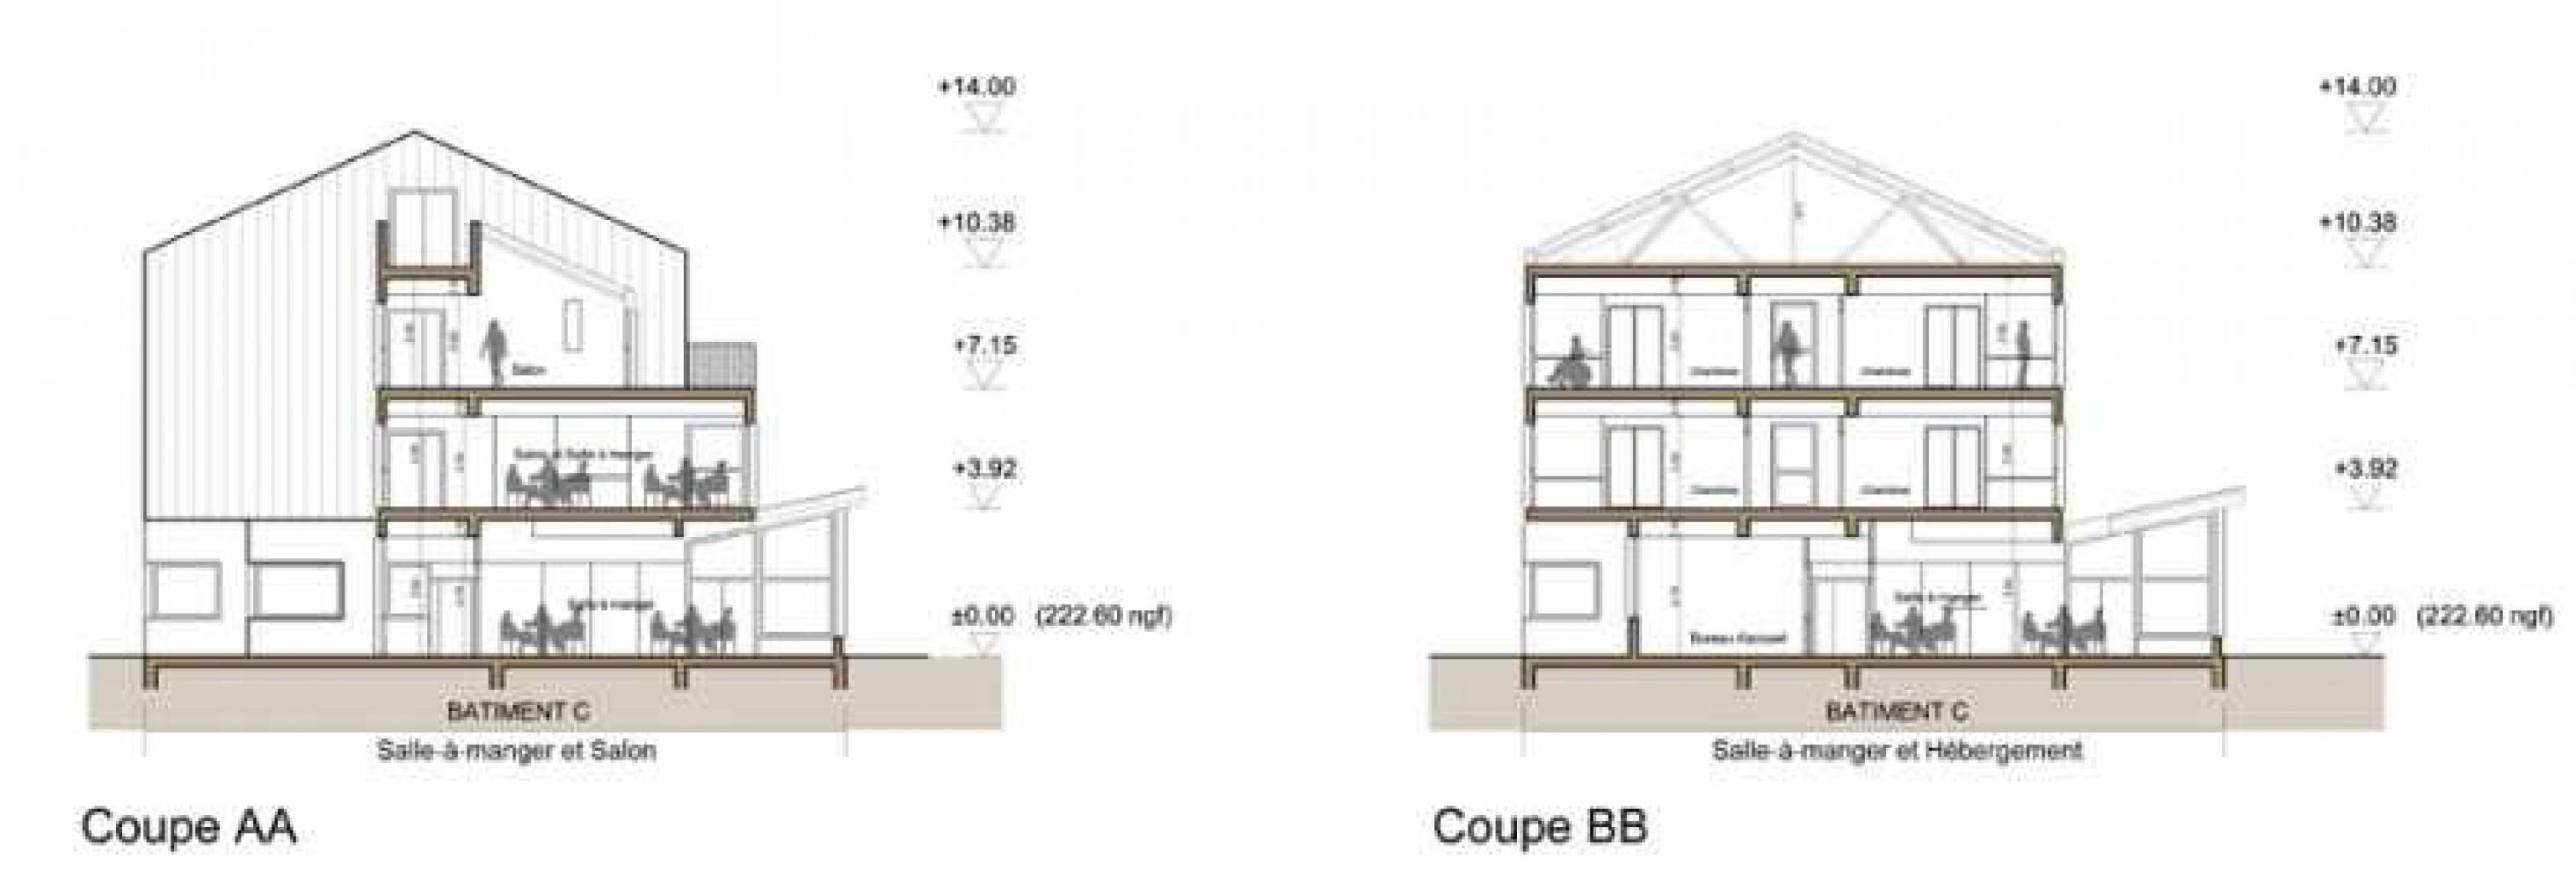 coupeaa_bb Pascale SEURIN Architecte - Médico-Social